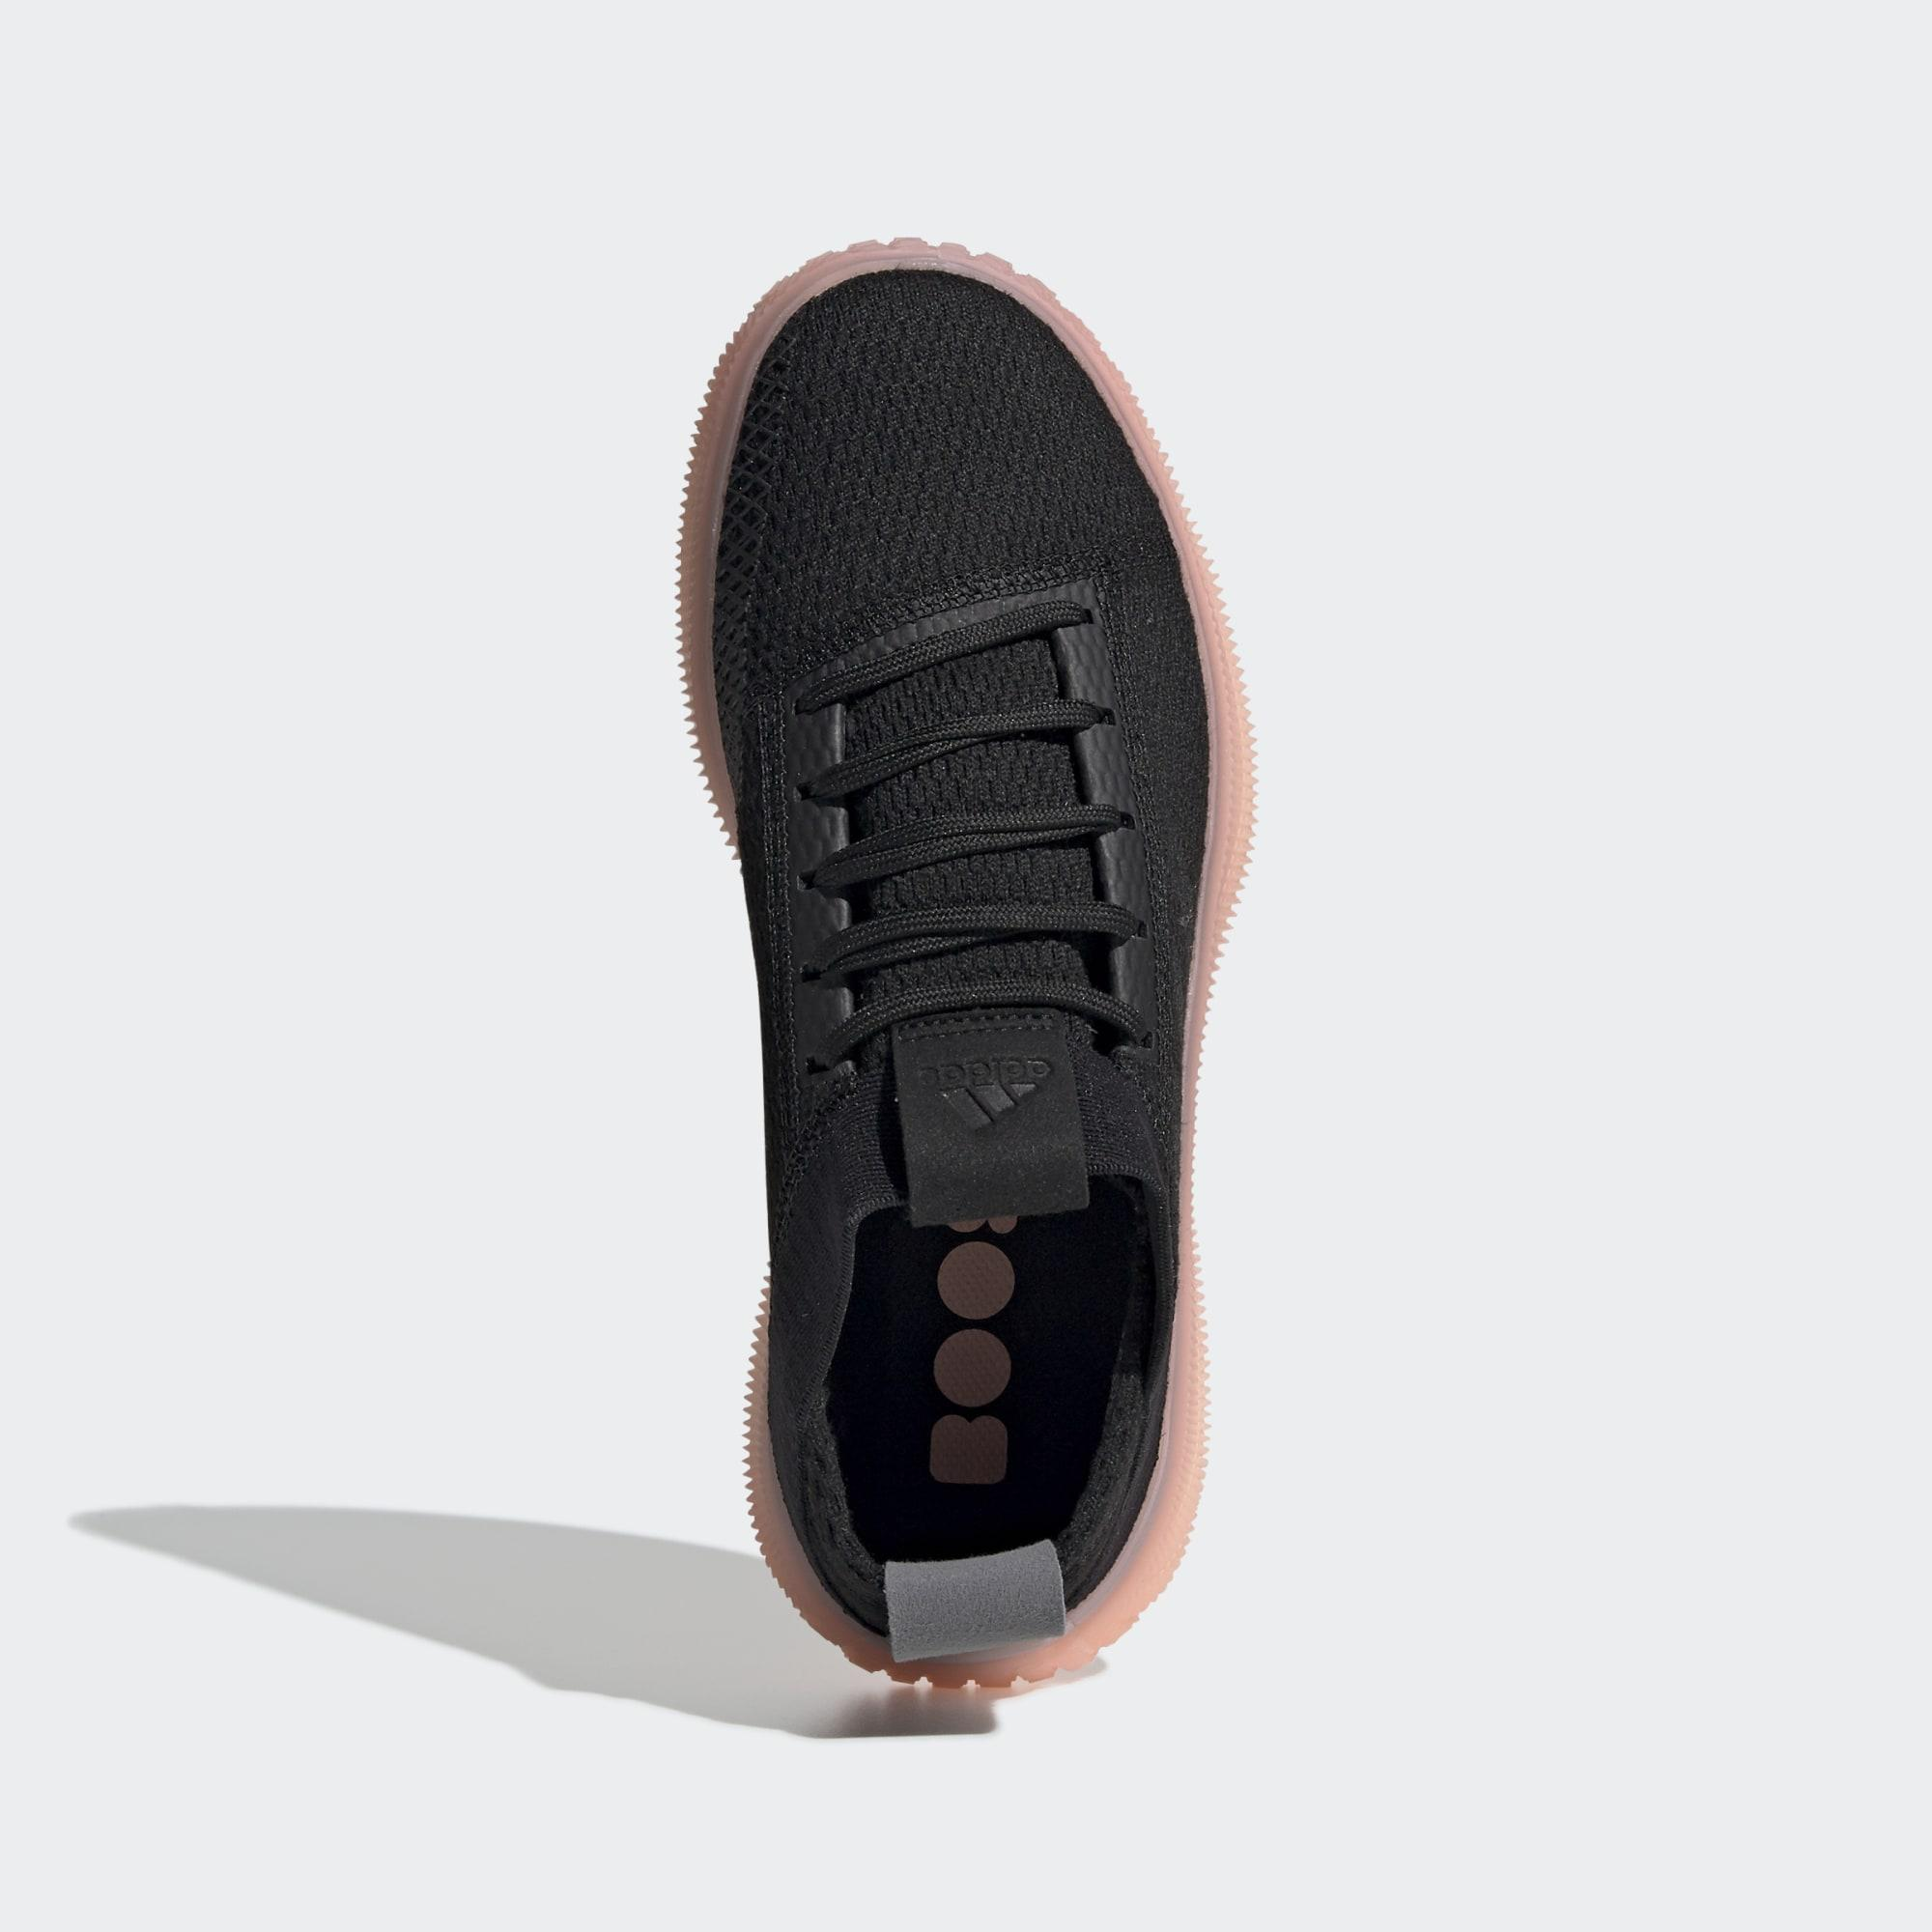 Zapatilla Pureboost Trainer adidas de Caucho de color Negro